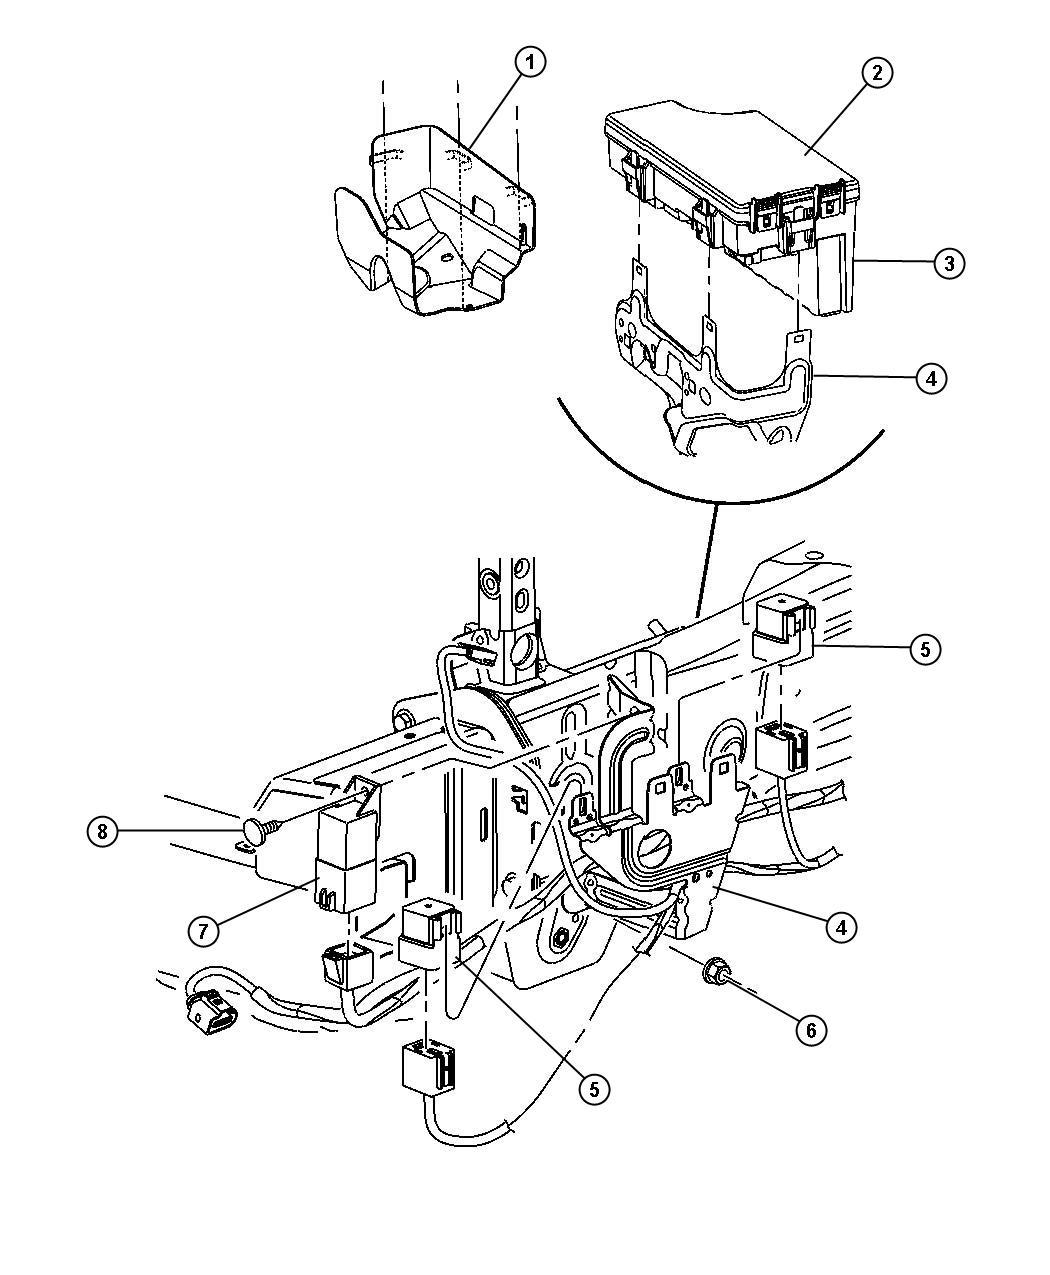 534085 1994 f150 airbag control module furthermore 7vypj kia optima thermostat located 2004 kia optima also